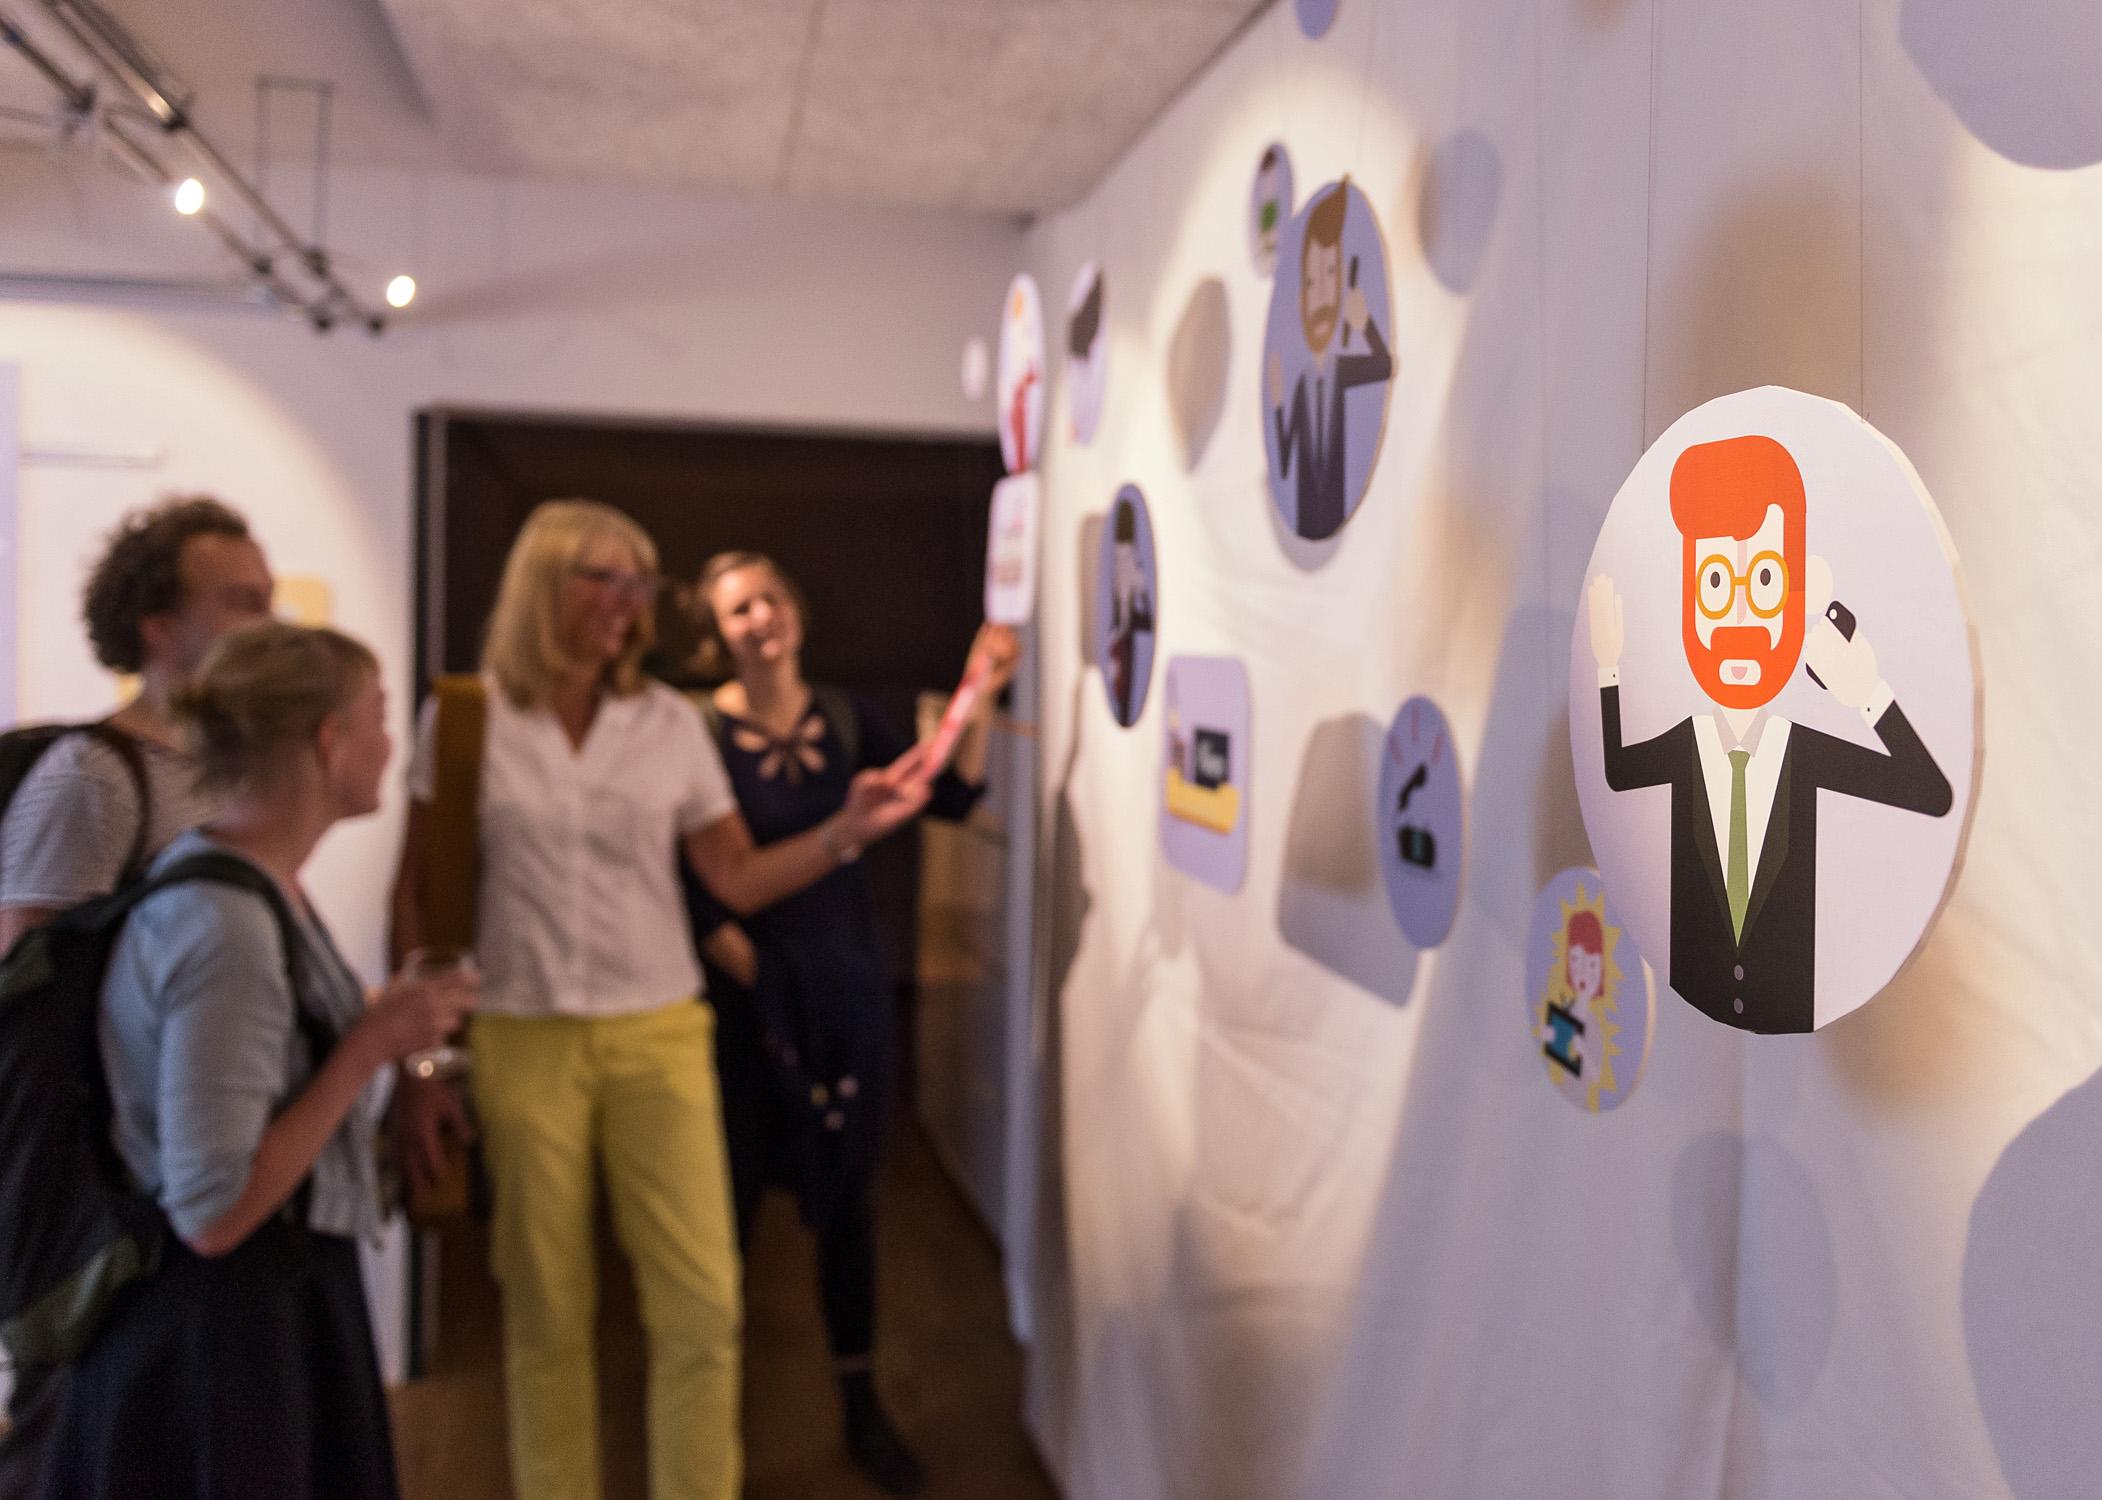 """Während des Abends hatten die Gäste die Gelegenheit, Einblick in die Projekte zu nehmen, an denen in den vergangenen sechs Monaten gearbeitet wurde. Einen Schwerpunkt bildete das Thema """"Produktrückrufe"""". Bildquelle: Jan Rathke/WFB"""